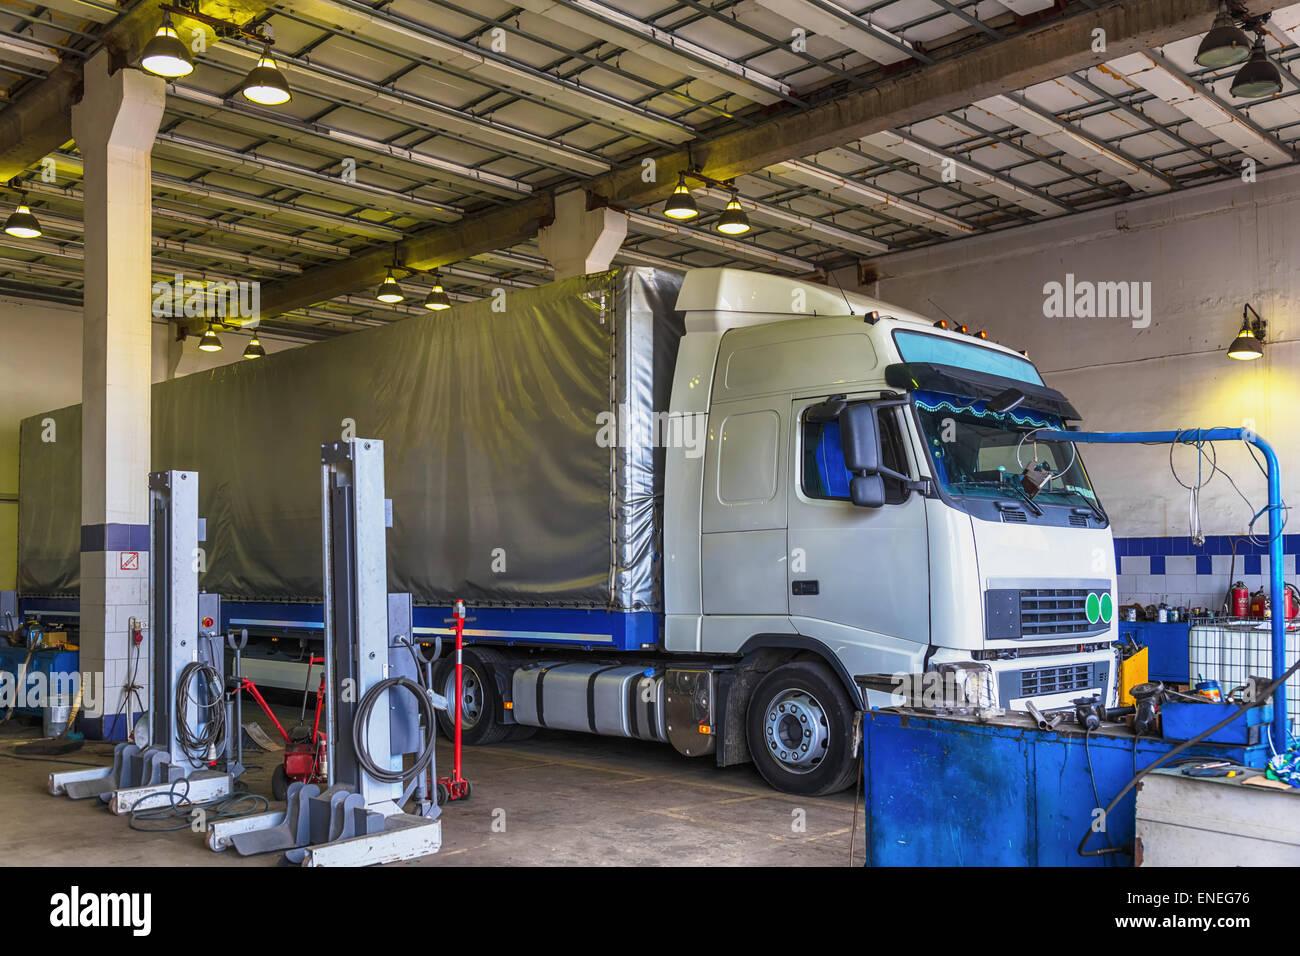 LKW oder LKW Shop Service Garage Interieur Reparatur Stockfoto, Bild ...